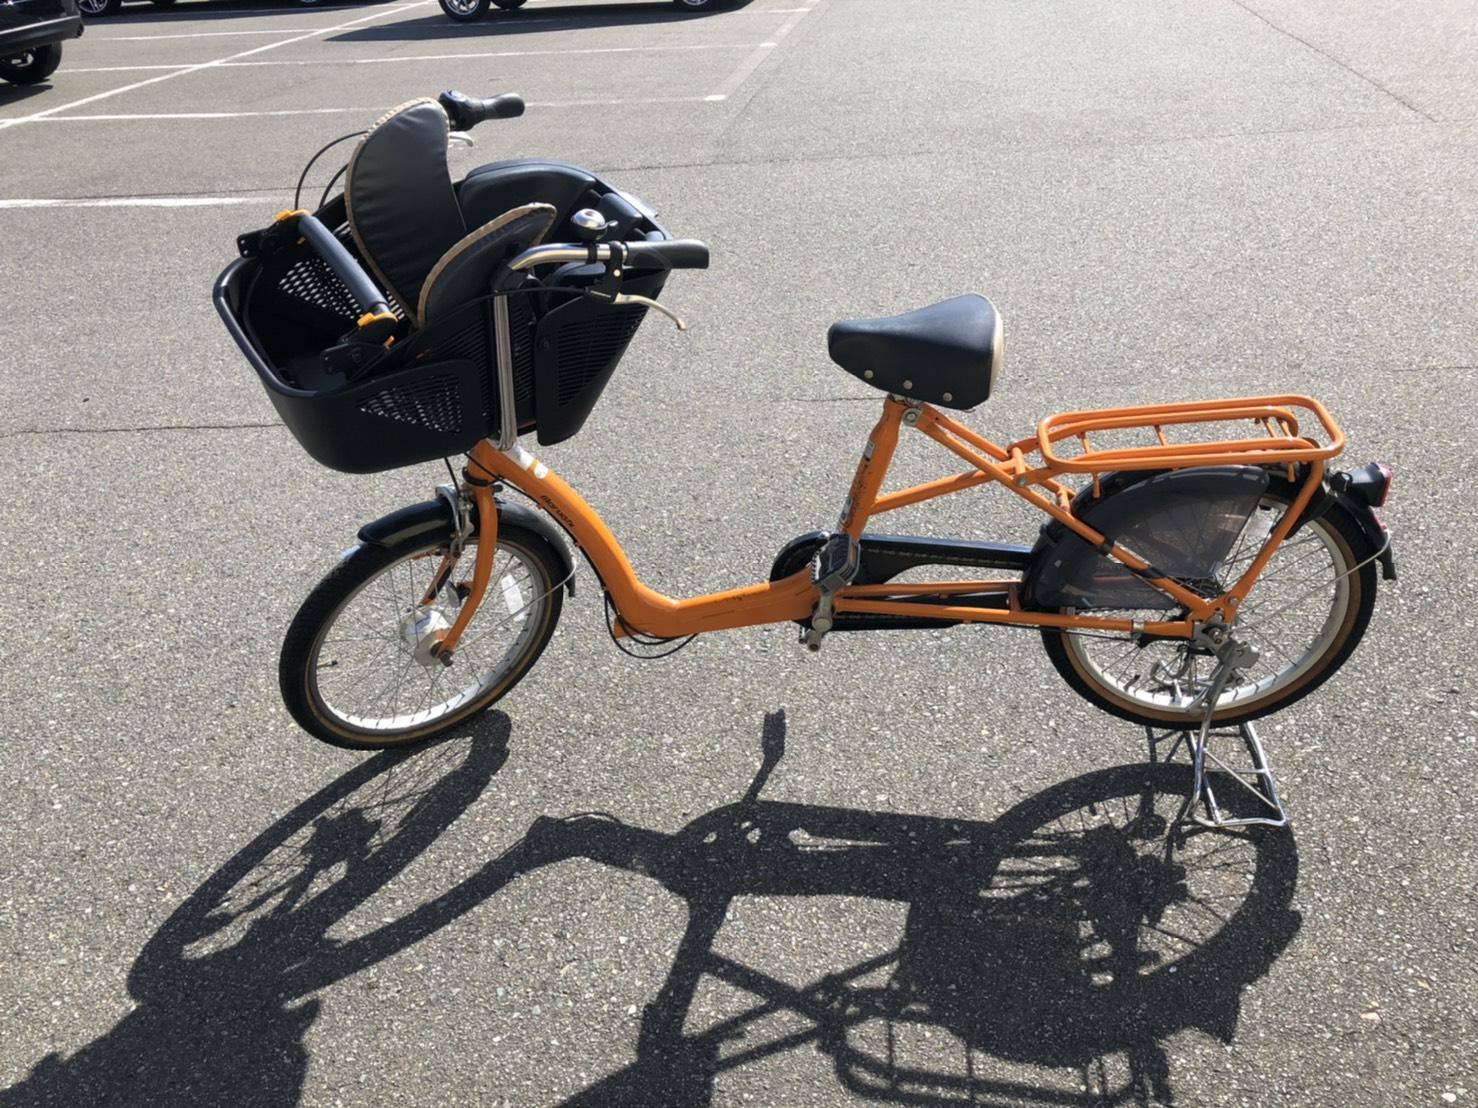 【丸石サイクル / フラッカーズシュシュ / 20インチ自転車 / 子供乗せ自転車】買取させて頂きました!の買取-